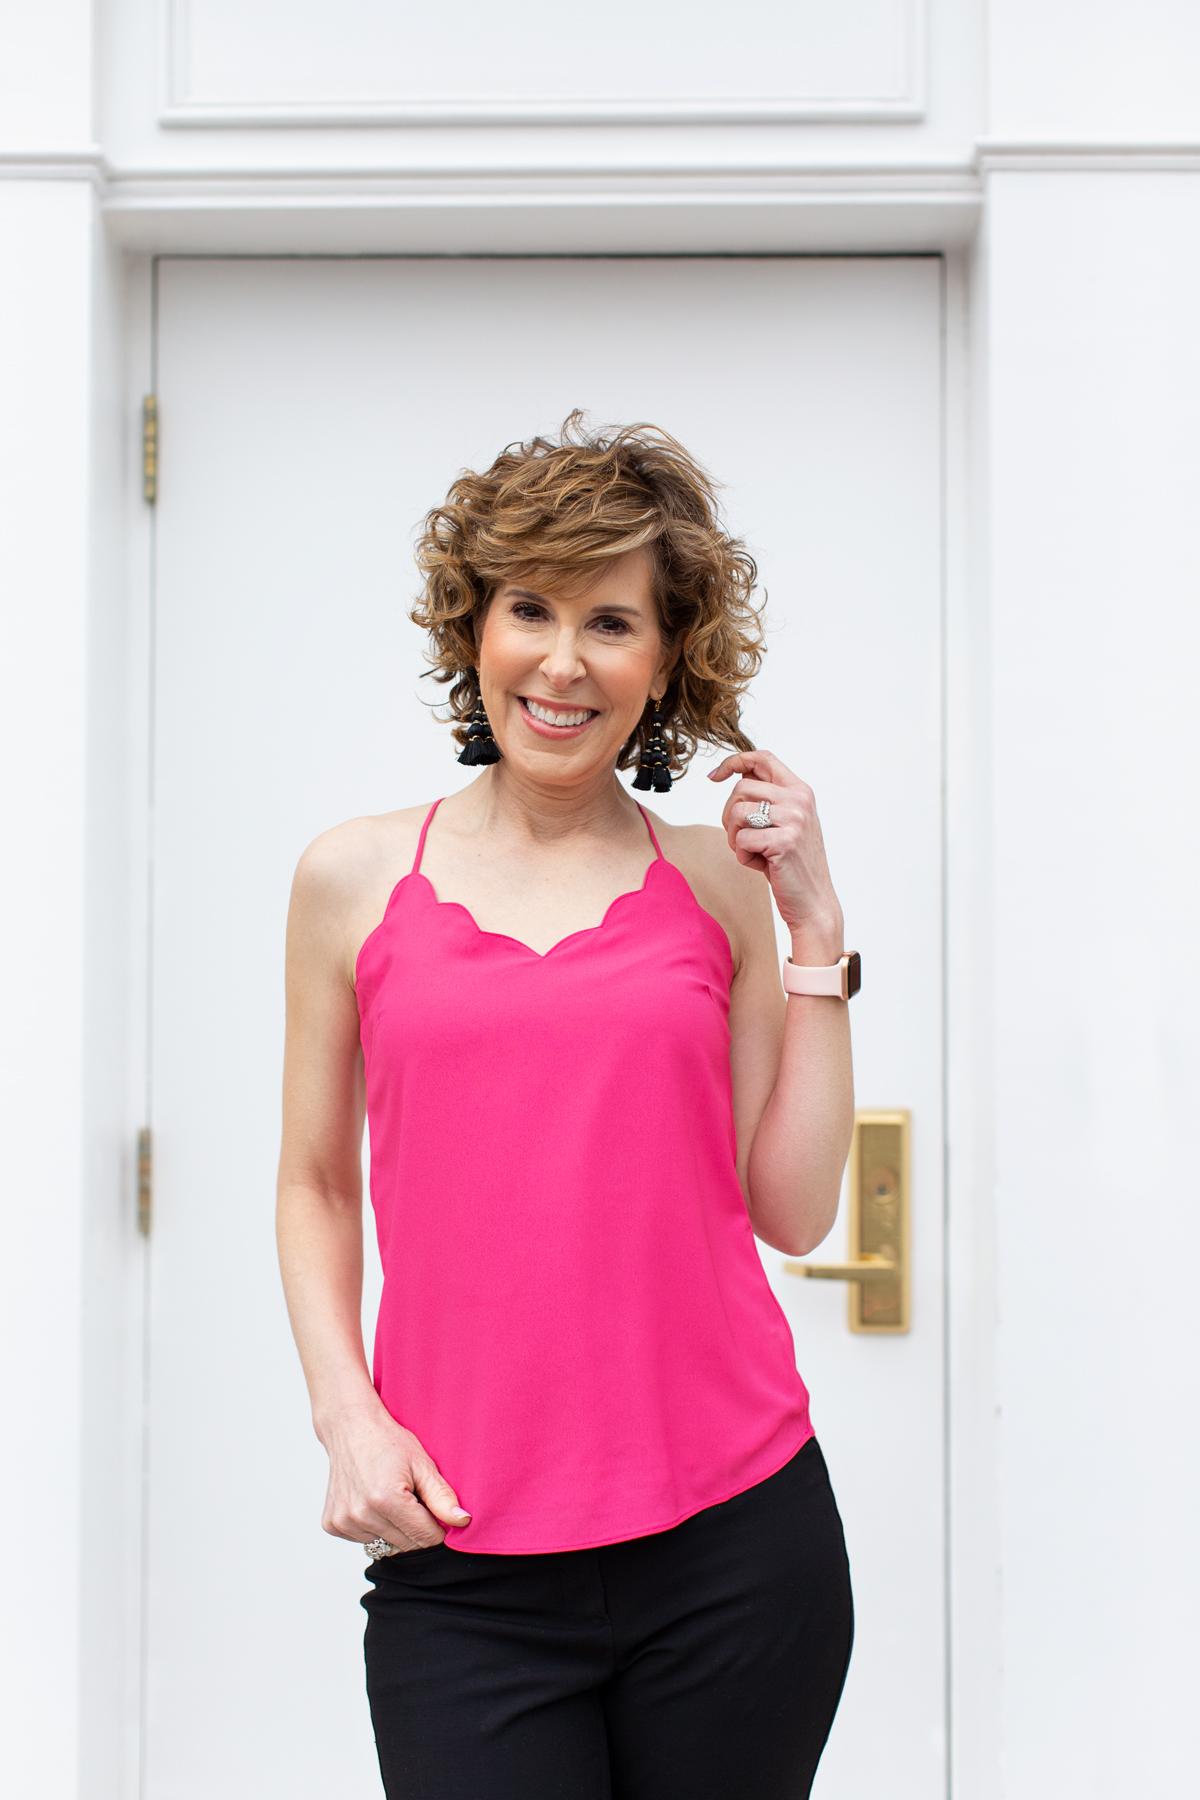 woman standing in front of doorway wearing pink top